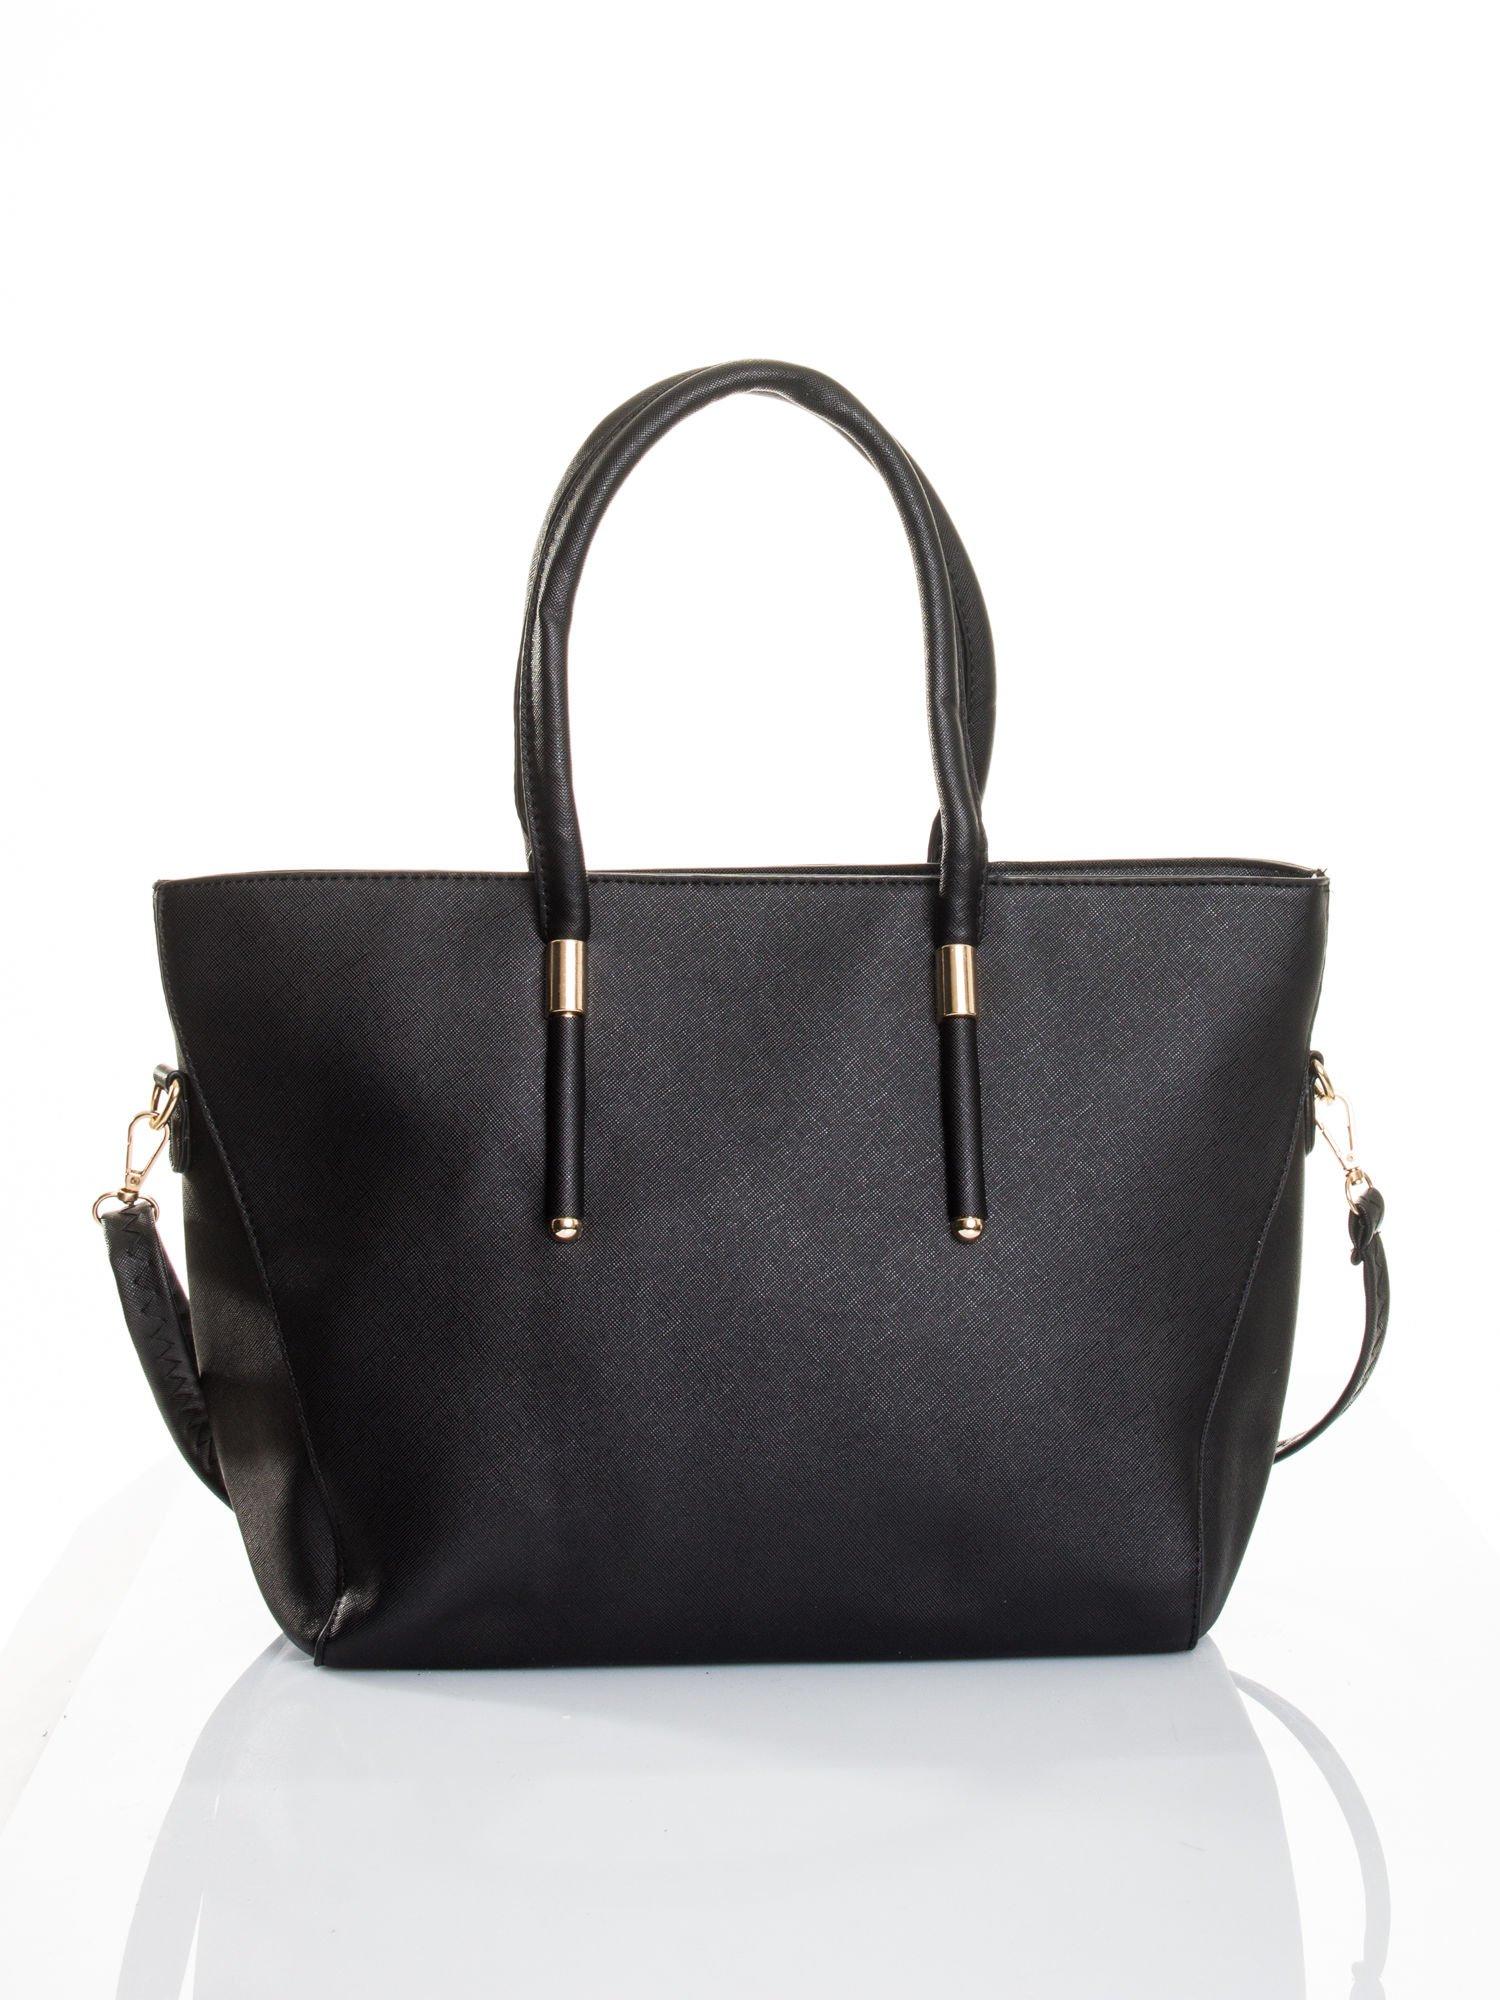 Czarna torba shopper efekt saffiano                                  zdj.                                  1